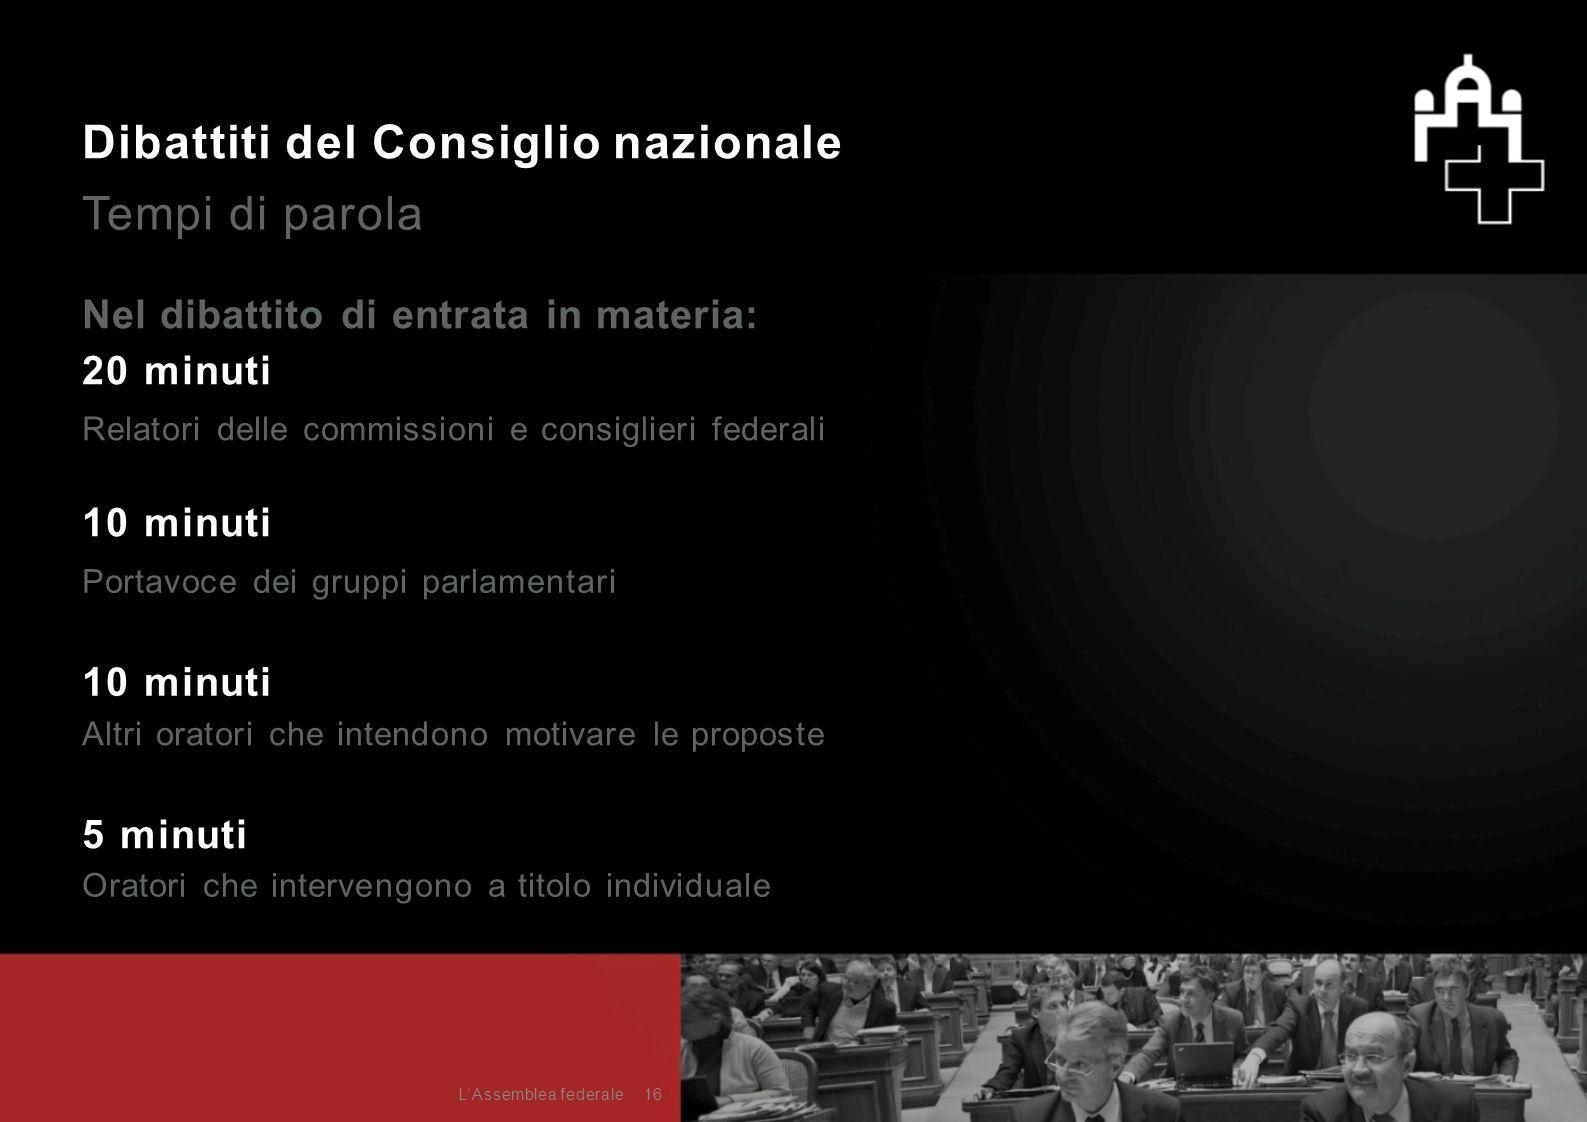 Dibattiti del Consiglio nazionale Tempi di parola Nel dibattito di entrata in materia: 20 minuti 10 minuti 5 minuti Portavoce dei gruppi parlamentari